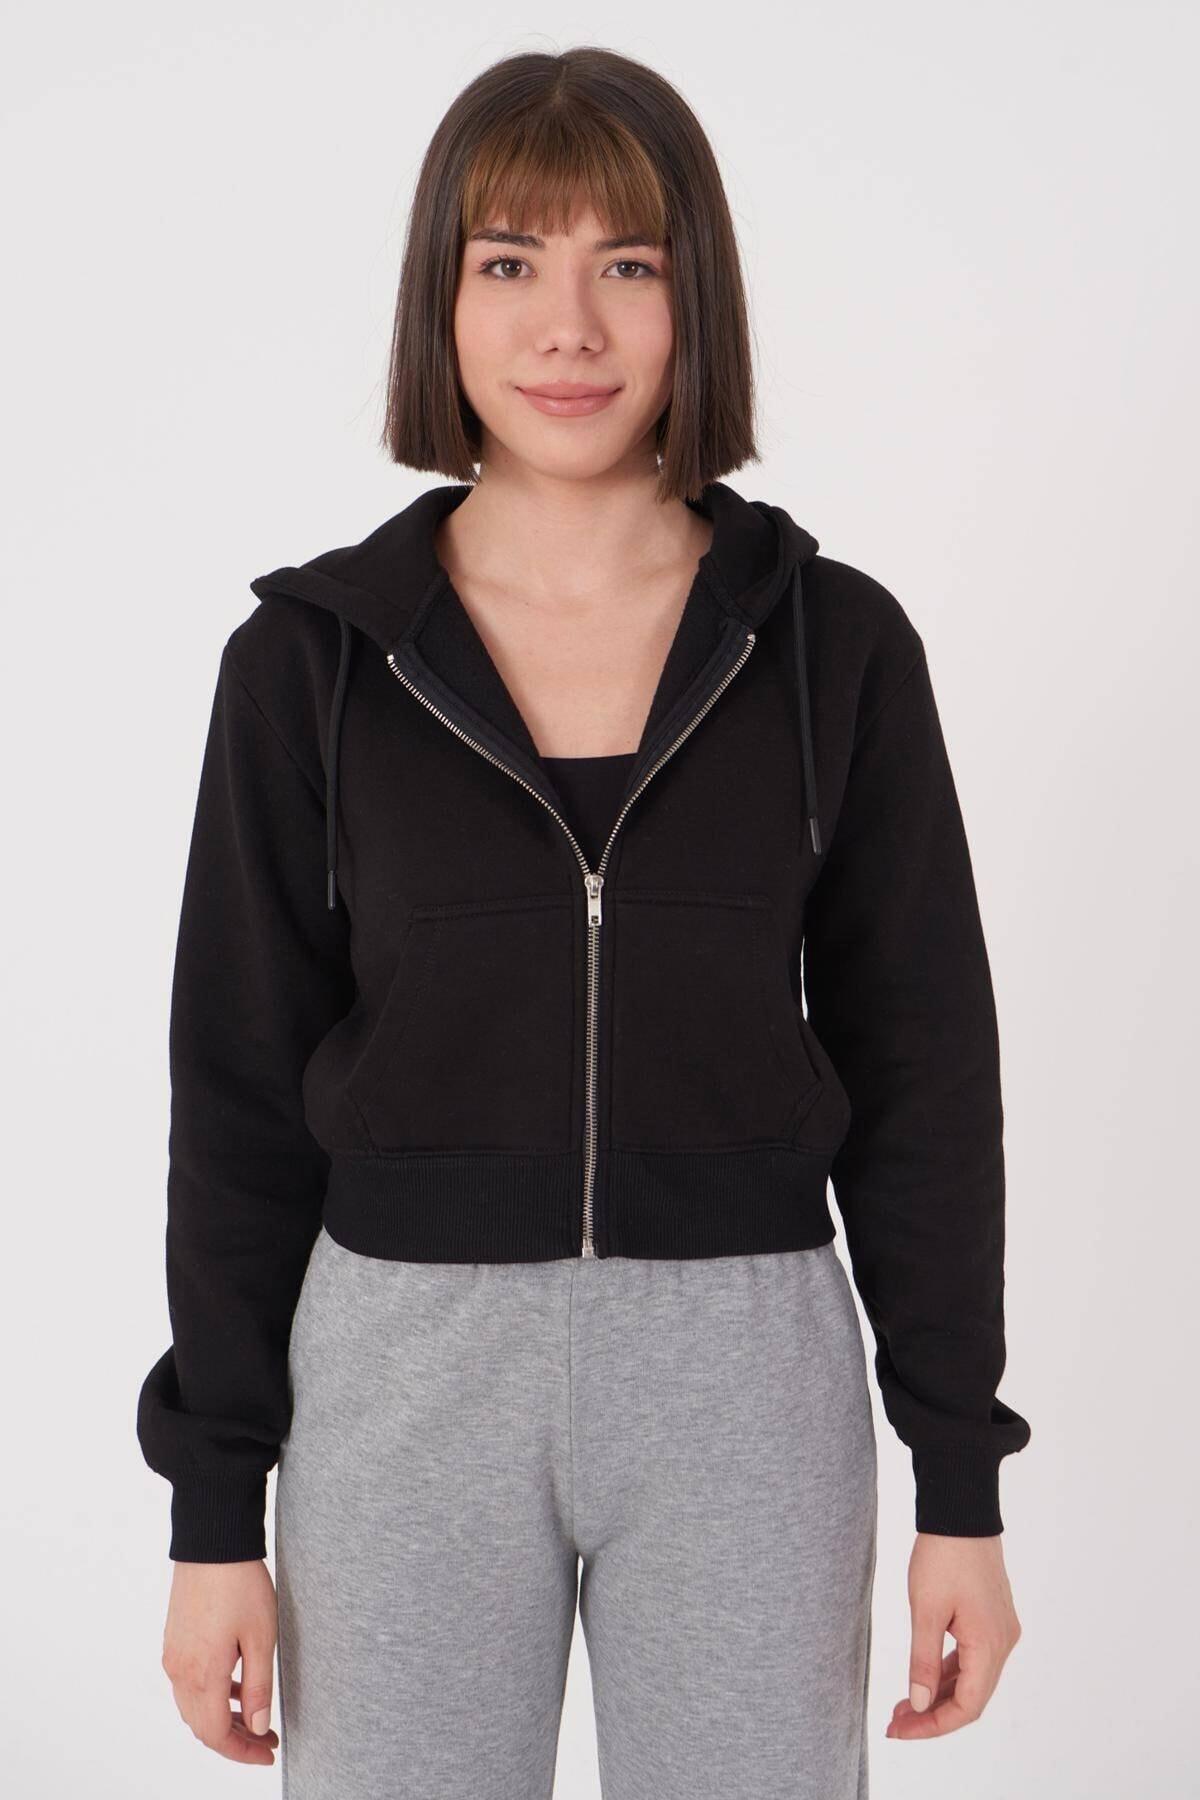 Addax Kadın Siyah Kapüşonlu Hırka H0768 - J9J10 Adx-0000020944 1